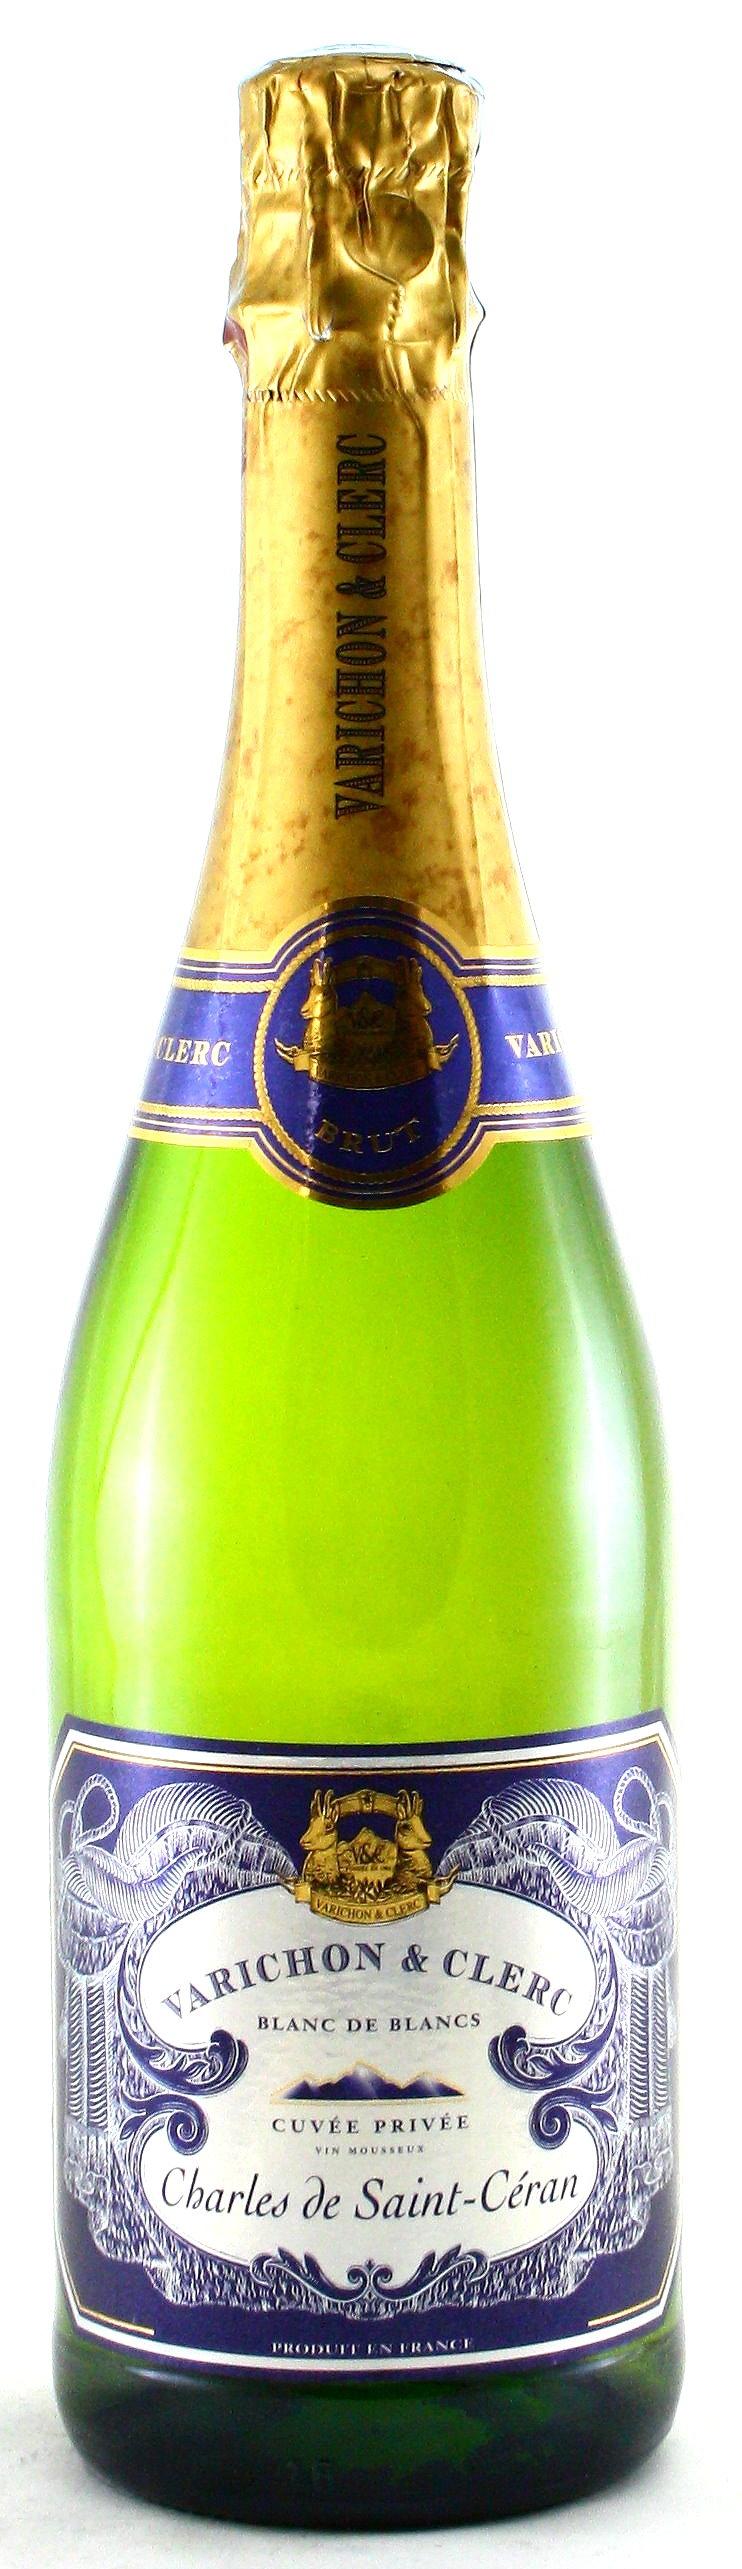 Varichon&Clerc Cuvée Privee Charles de Saint-Céran